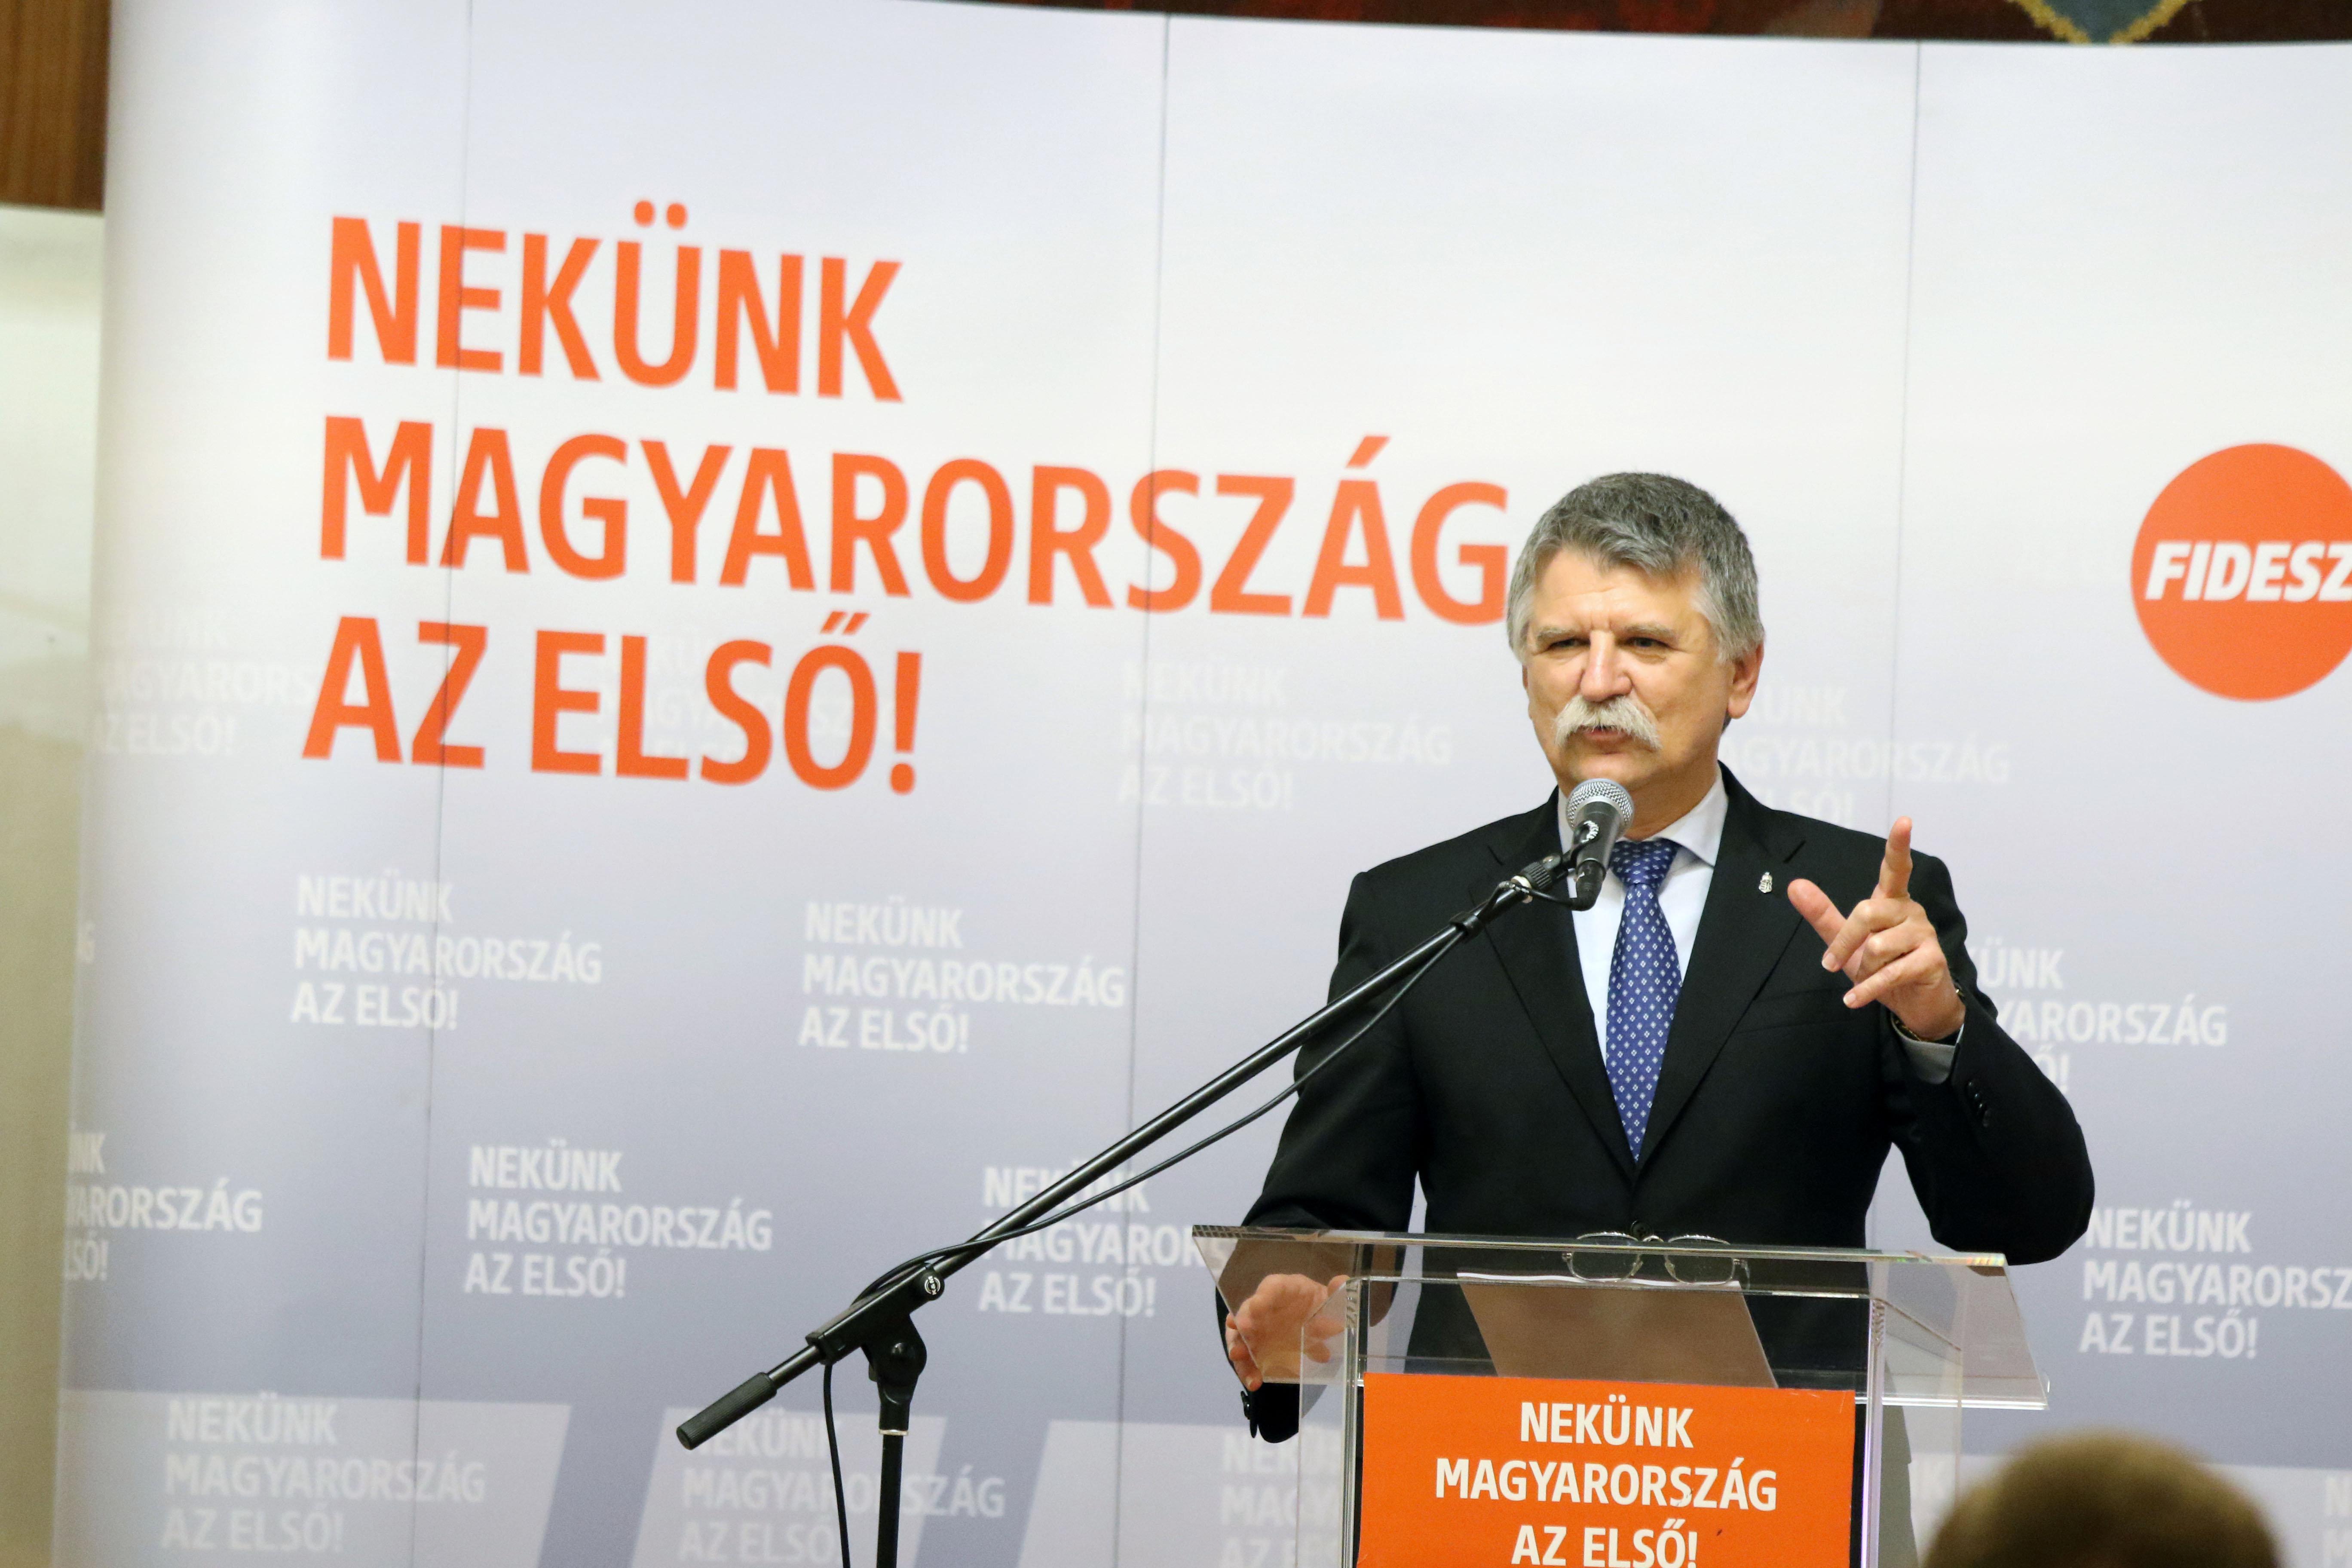 Hiába marasztalták el Kövér Lászlót a sajtószabadság megsértése miatt, a házelnök nem változtat az újságírók munkáját korlátozó jelenlegi szabályokon